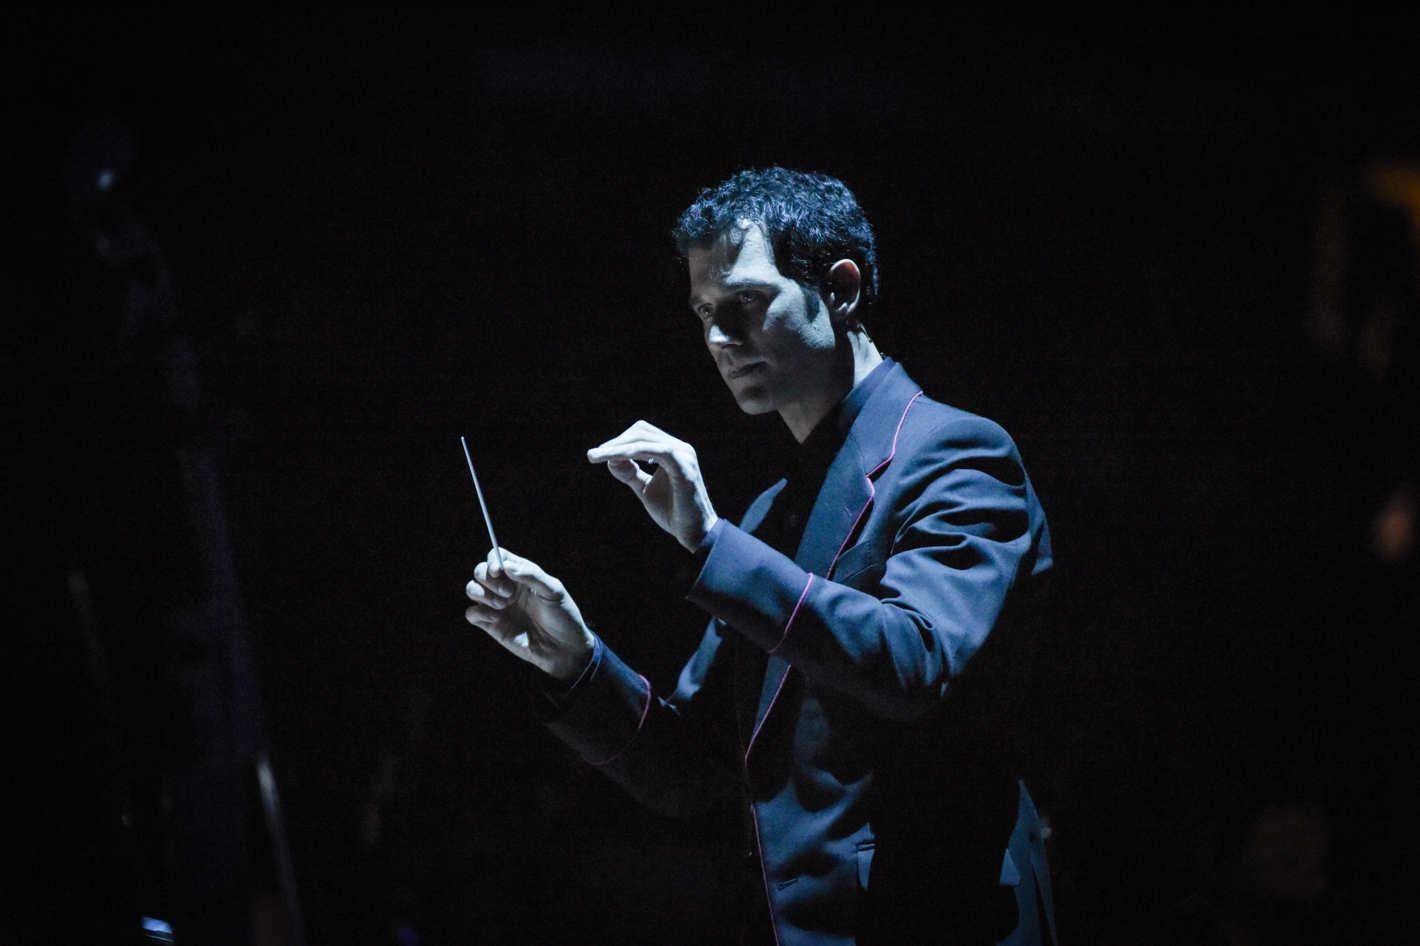 آهنگساز «بازی تاجوتخت» از سفرش از وستروس به «وست ورلد» میگوید